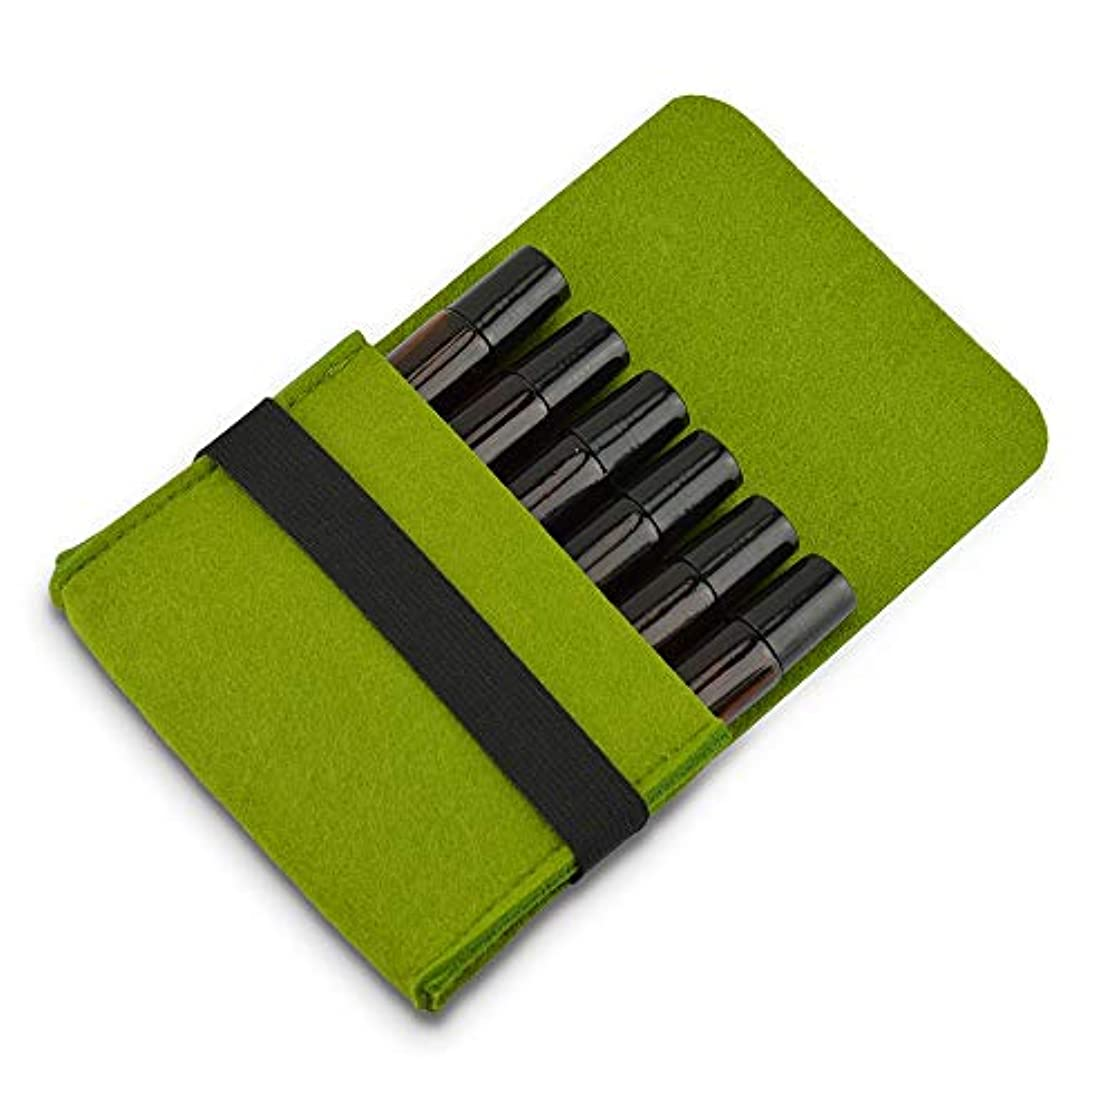 重なる開いた痛み精油ケース トラベルオーガナイザーストレージポーチ収納袋3色のフェルト6つのボトル10MLエッセンシャルオイル用キャリングケースエッセンシャルオイル 携帯便利 (色 : 緑, サイズ : 13X10X3CM)